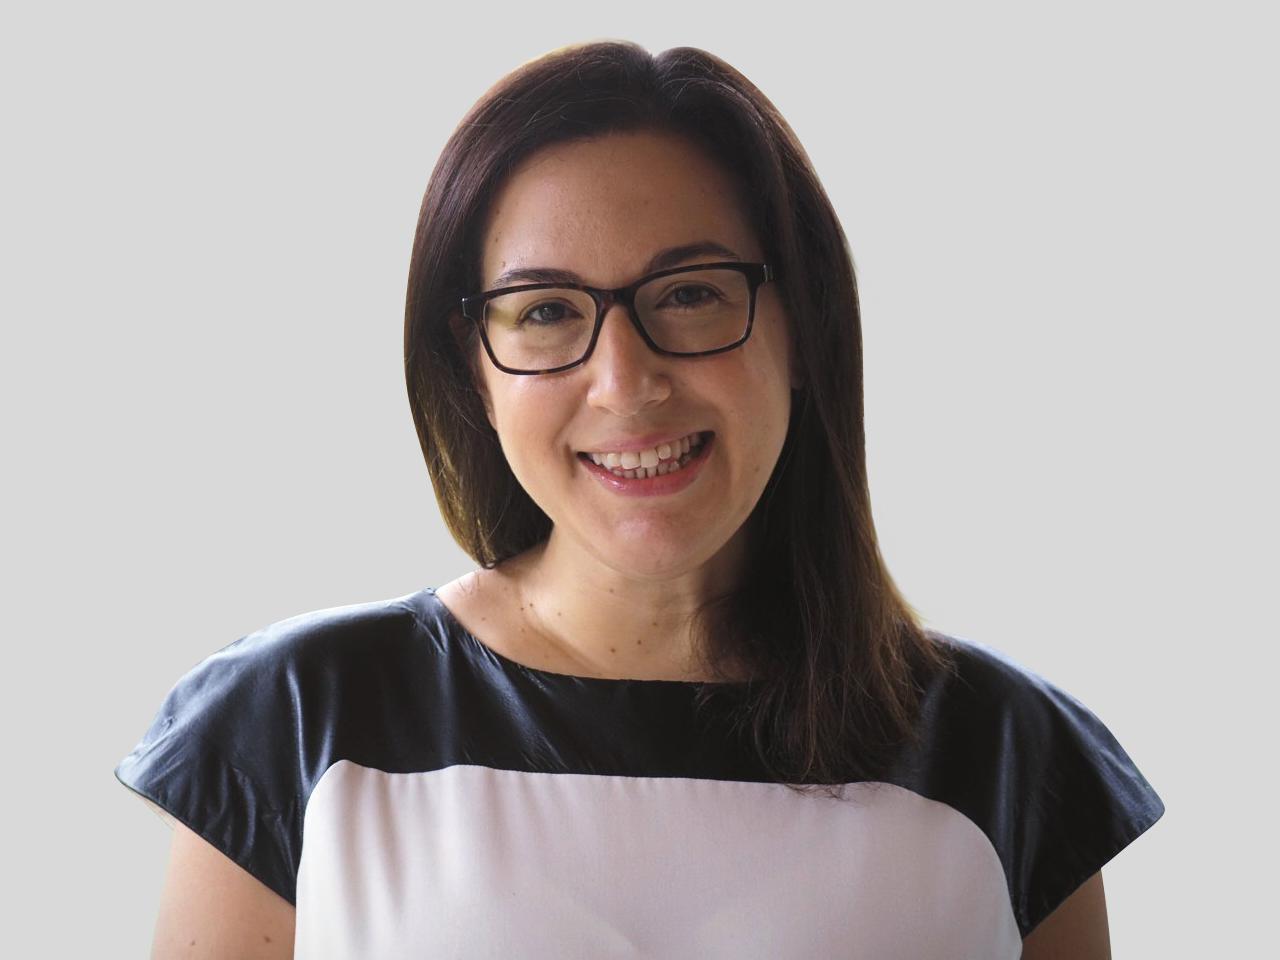 Sharon Feder headshot  2021 image